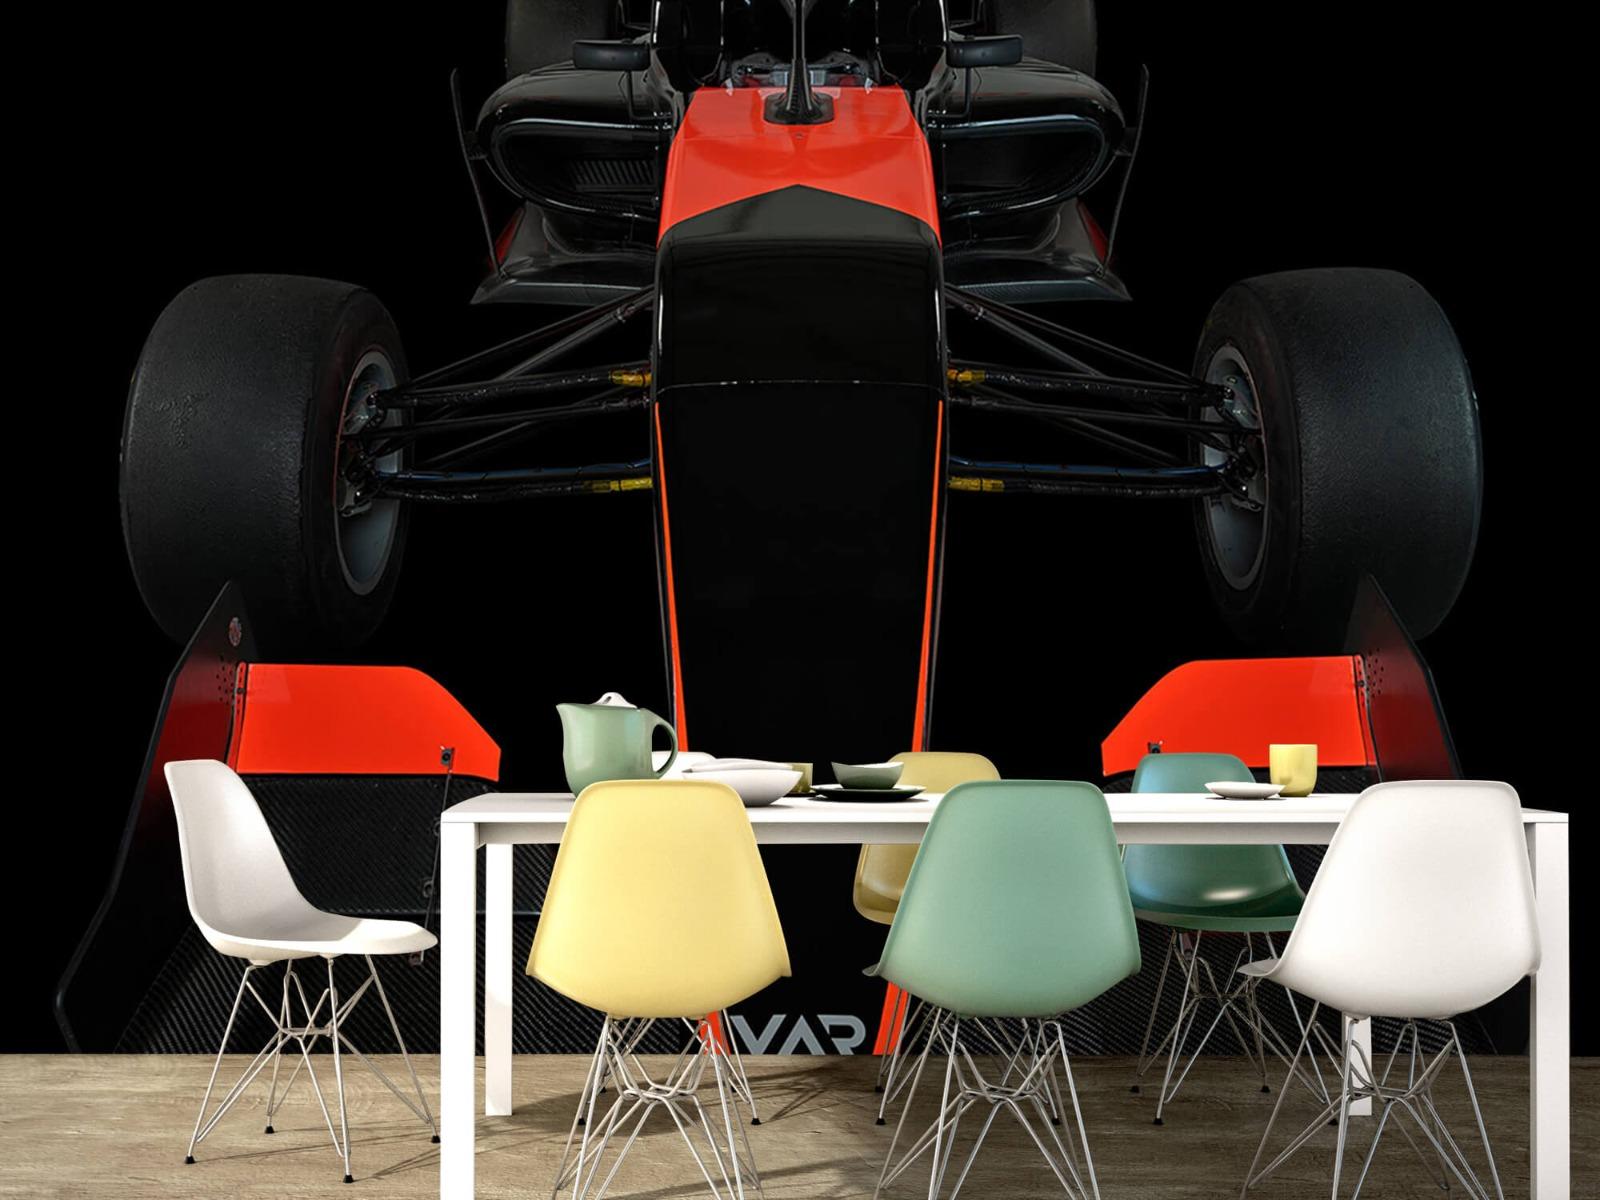 Sportauto's - Formule 3 - Front view - dark - Tienerkamer 16